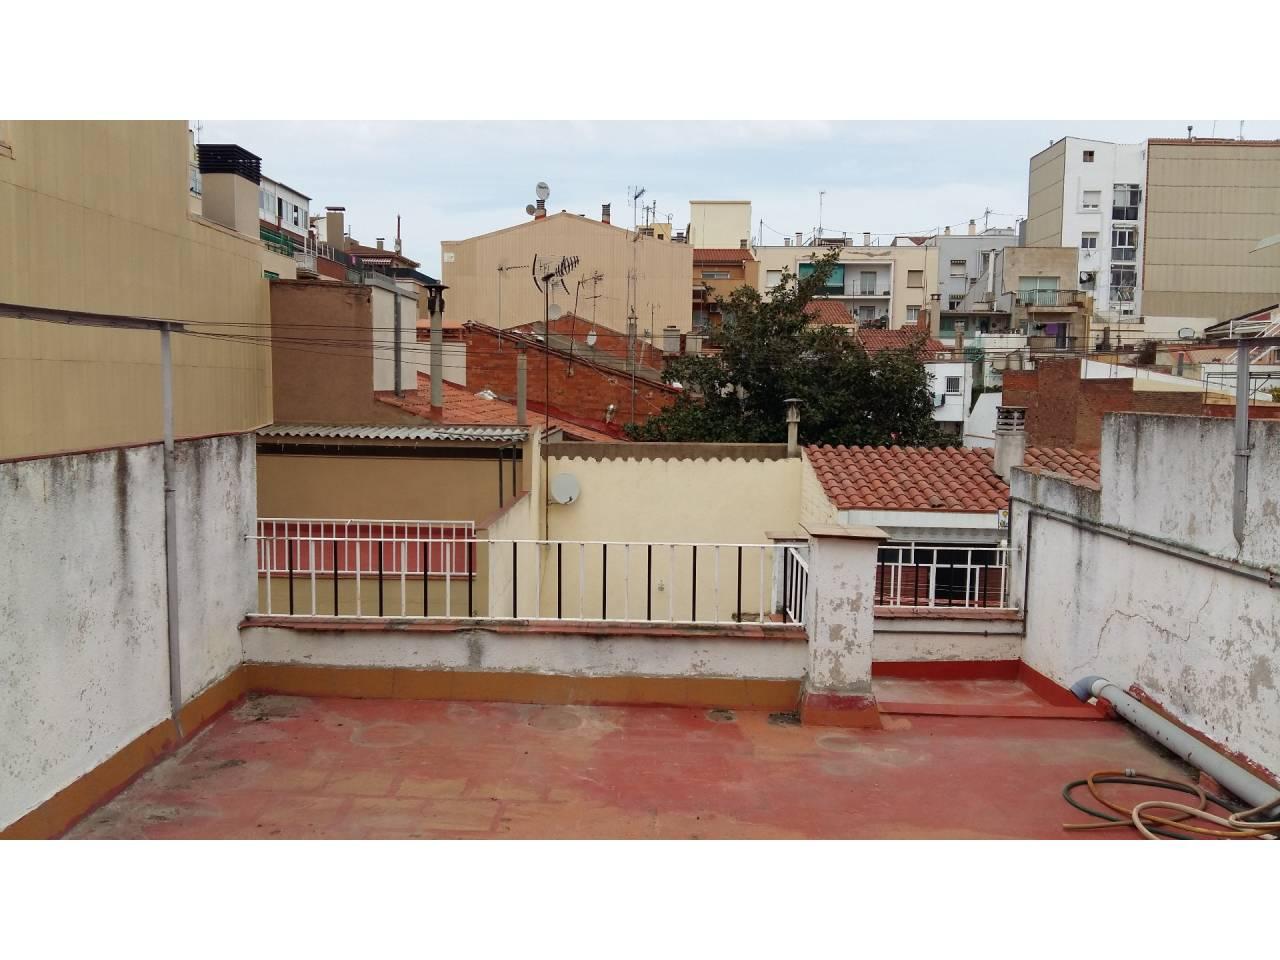 Pis en venda en Centre - c/ Blasco de Garay